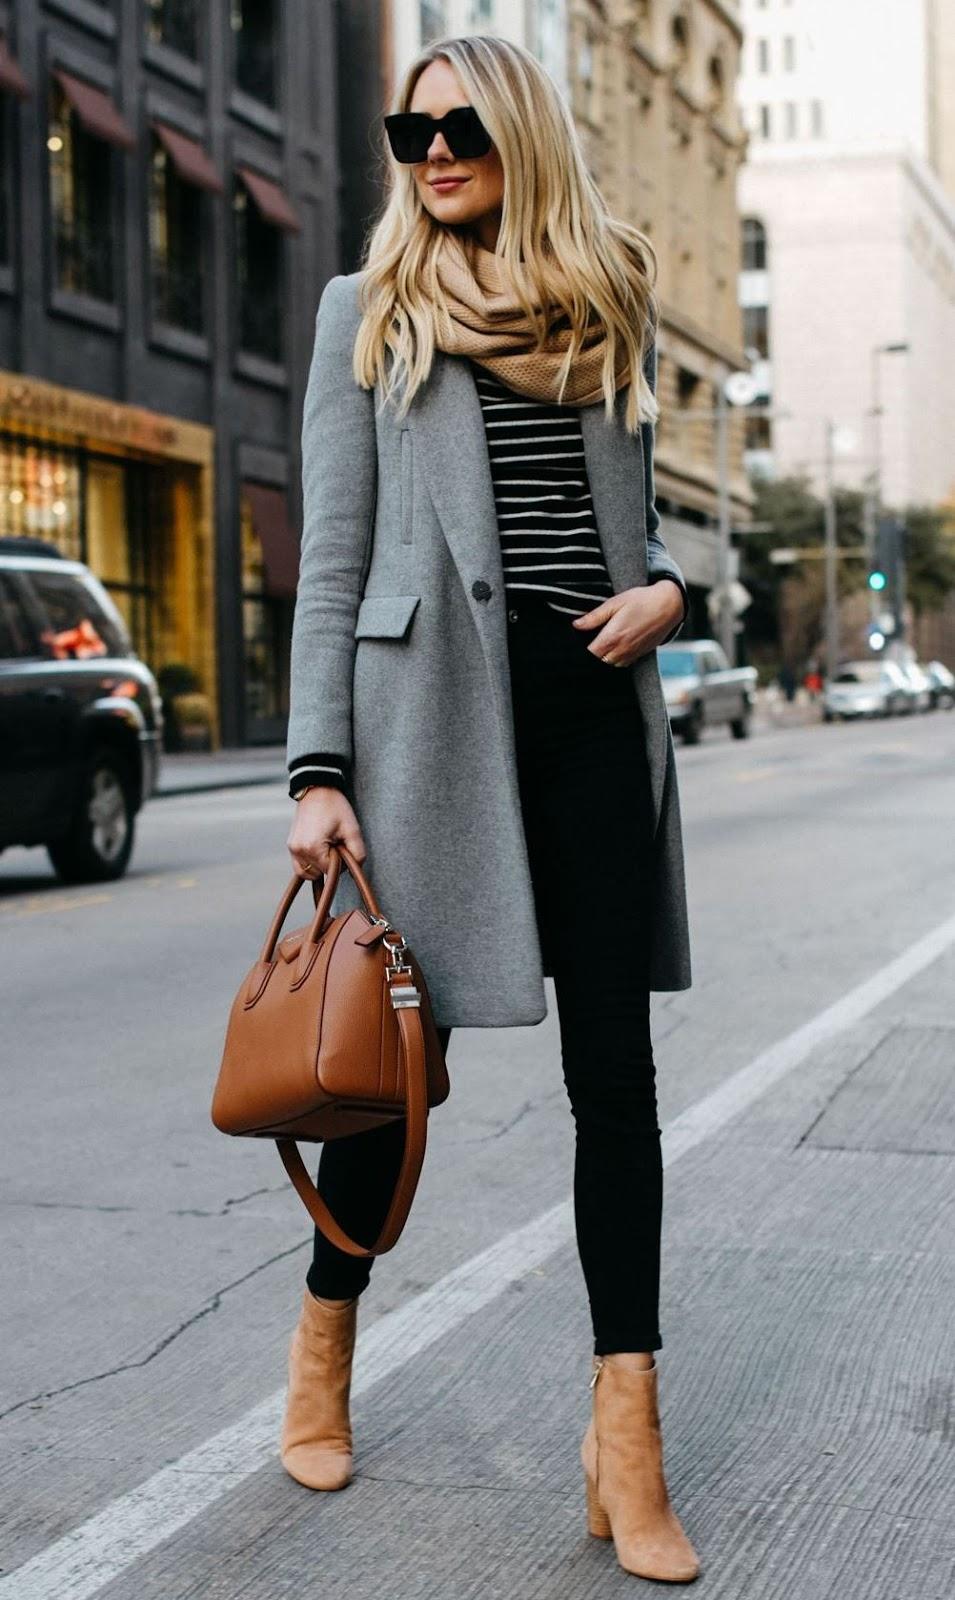 Genius Winter Outfit Idea